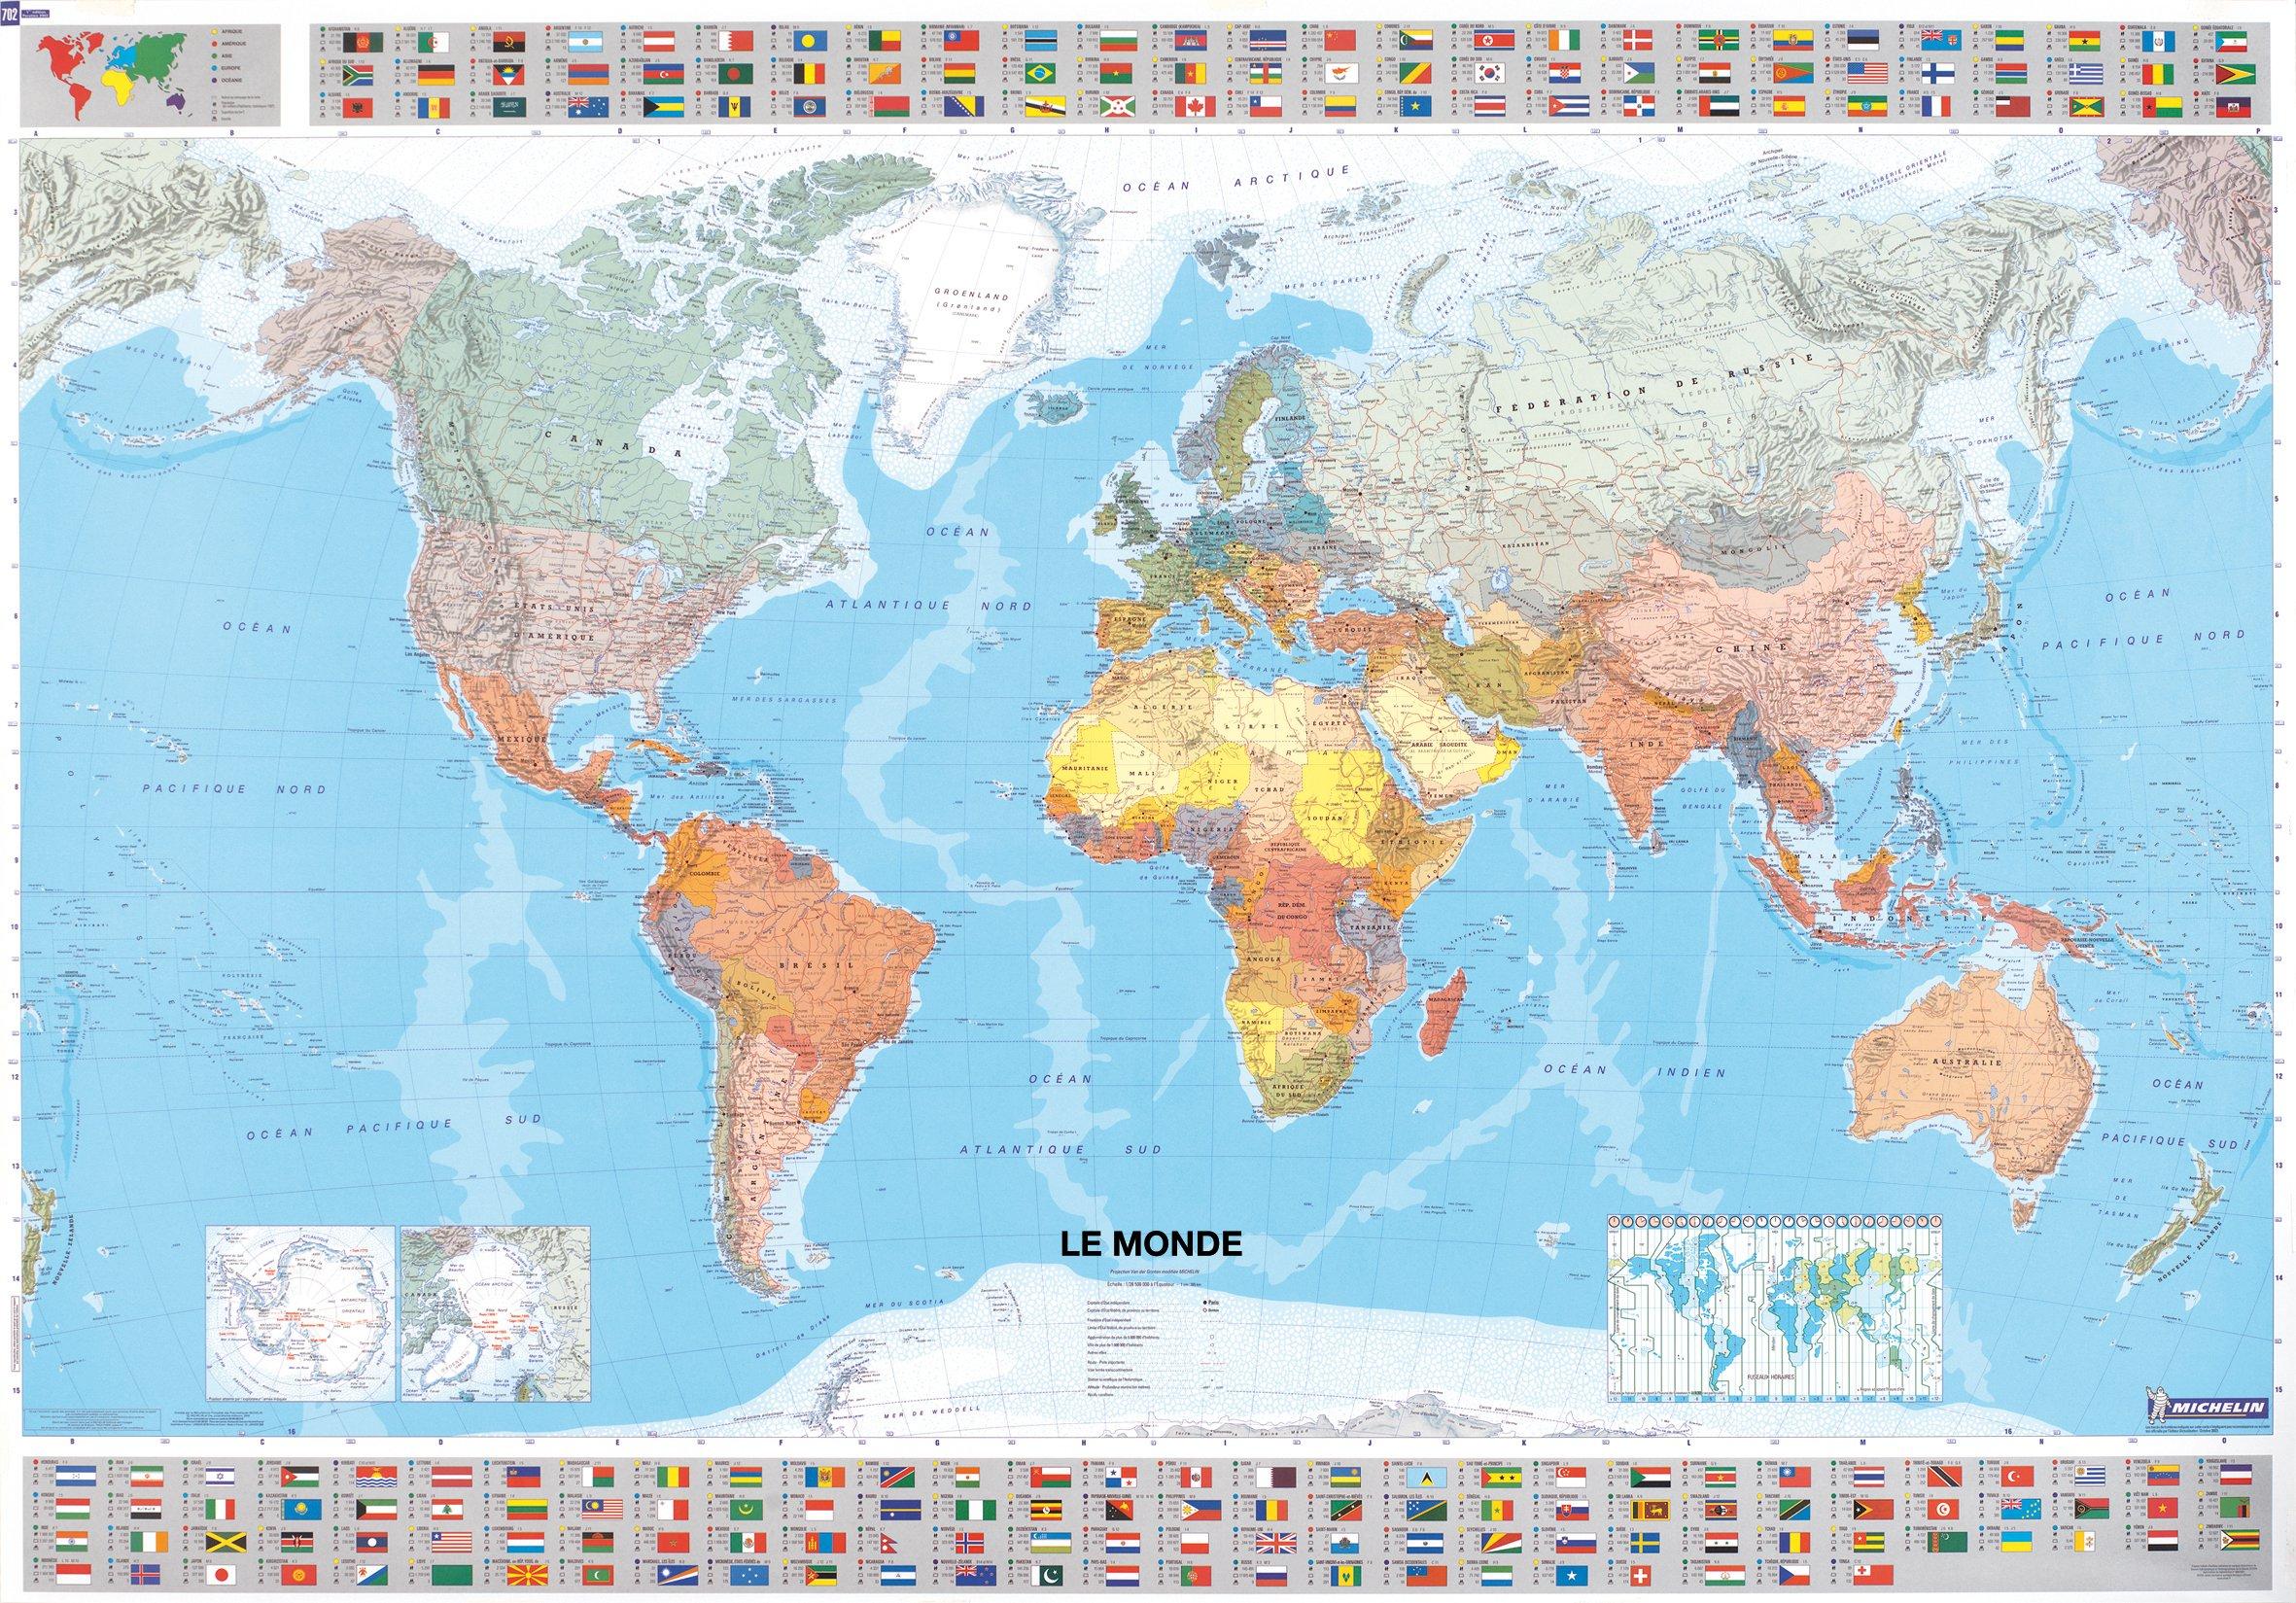 Comment Choisir Une Carte Du Monde : Nos Coups De Cœur - Gps concernant Carte Du Monde Avec Capitales Et Pays